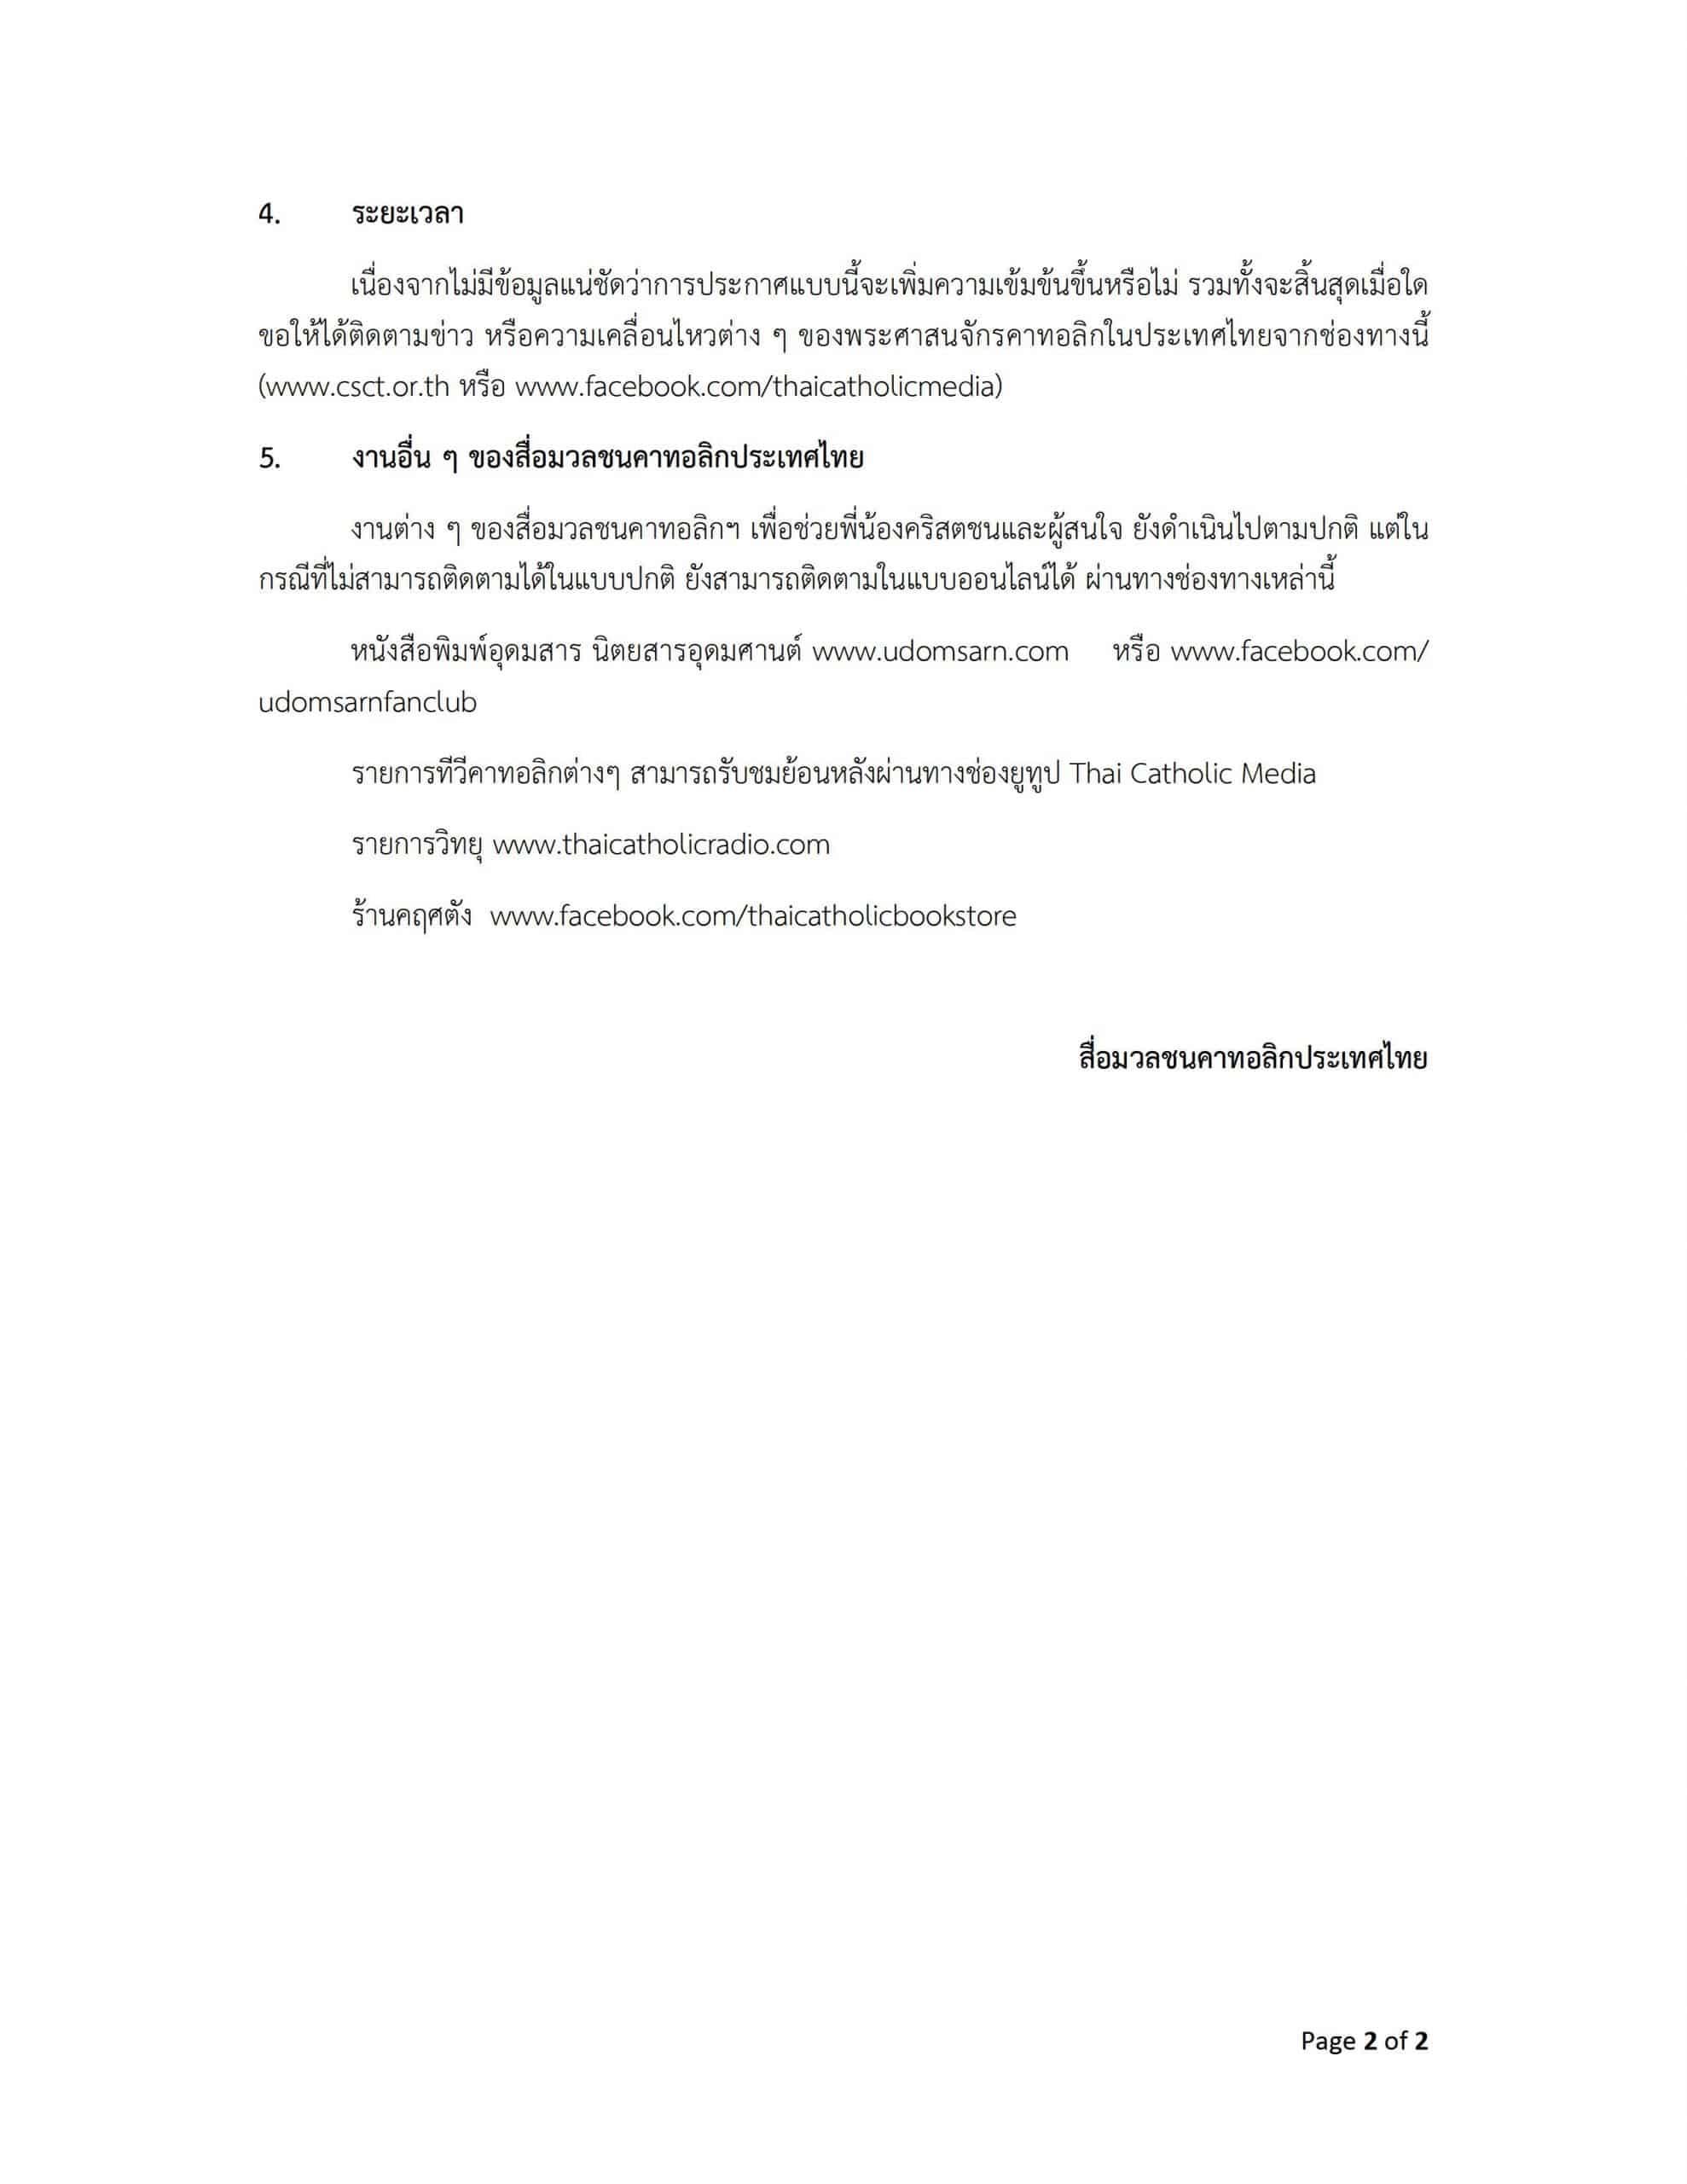 สาสน์อภิบาล เลขที่ สสท. 032-2020 (14)